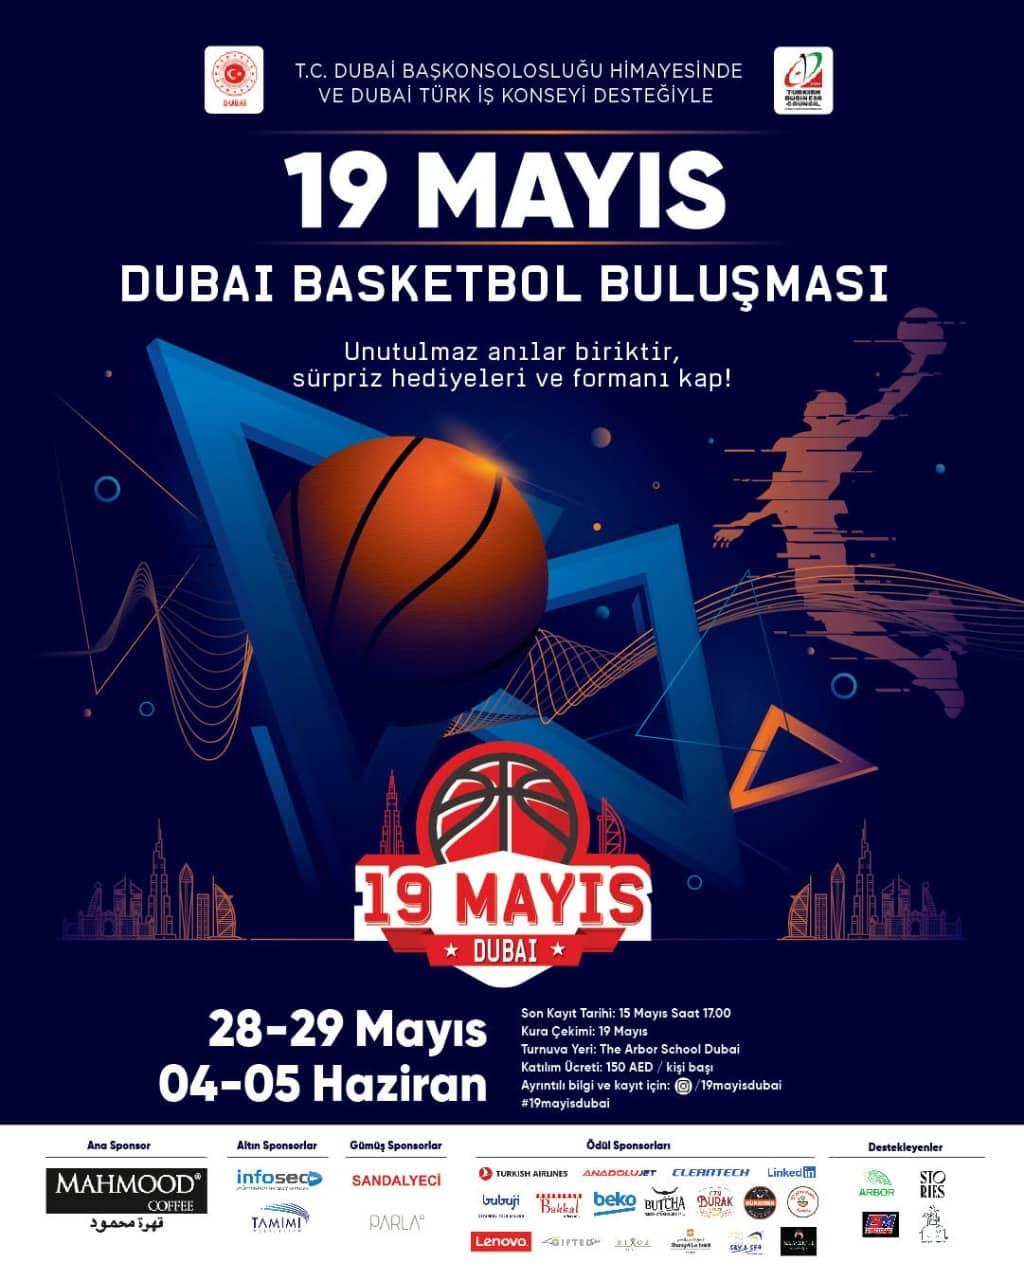 19 Mayıs Dubai Basketbol Buluşması